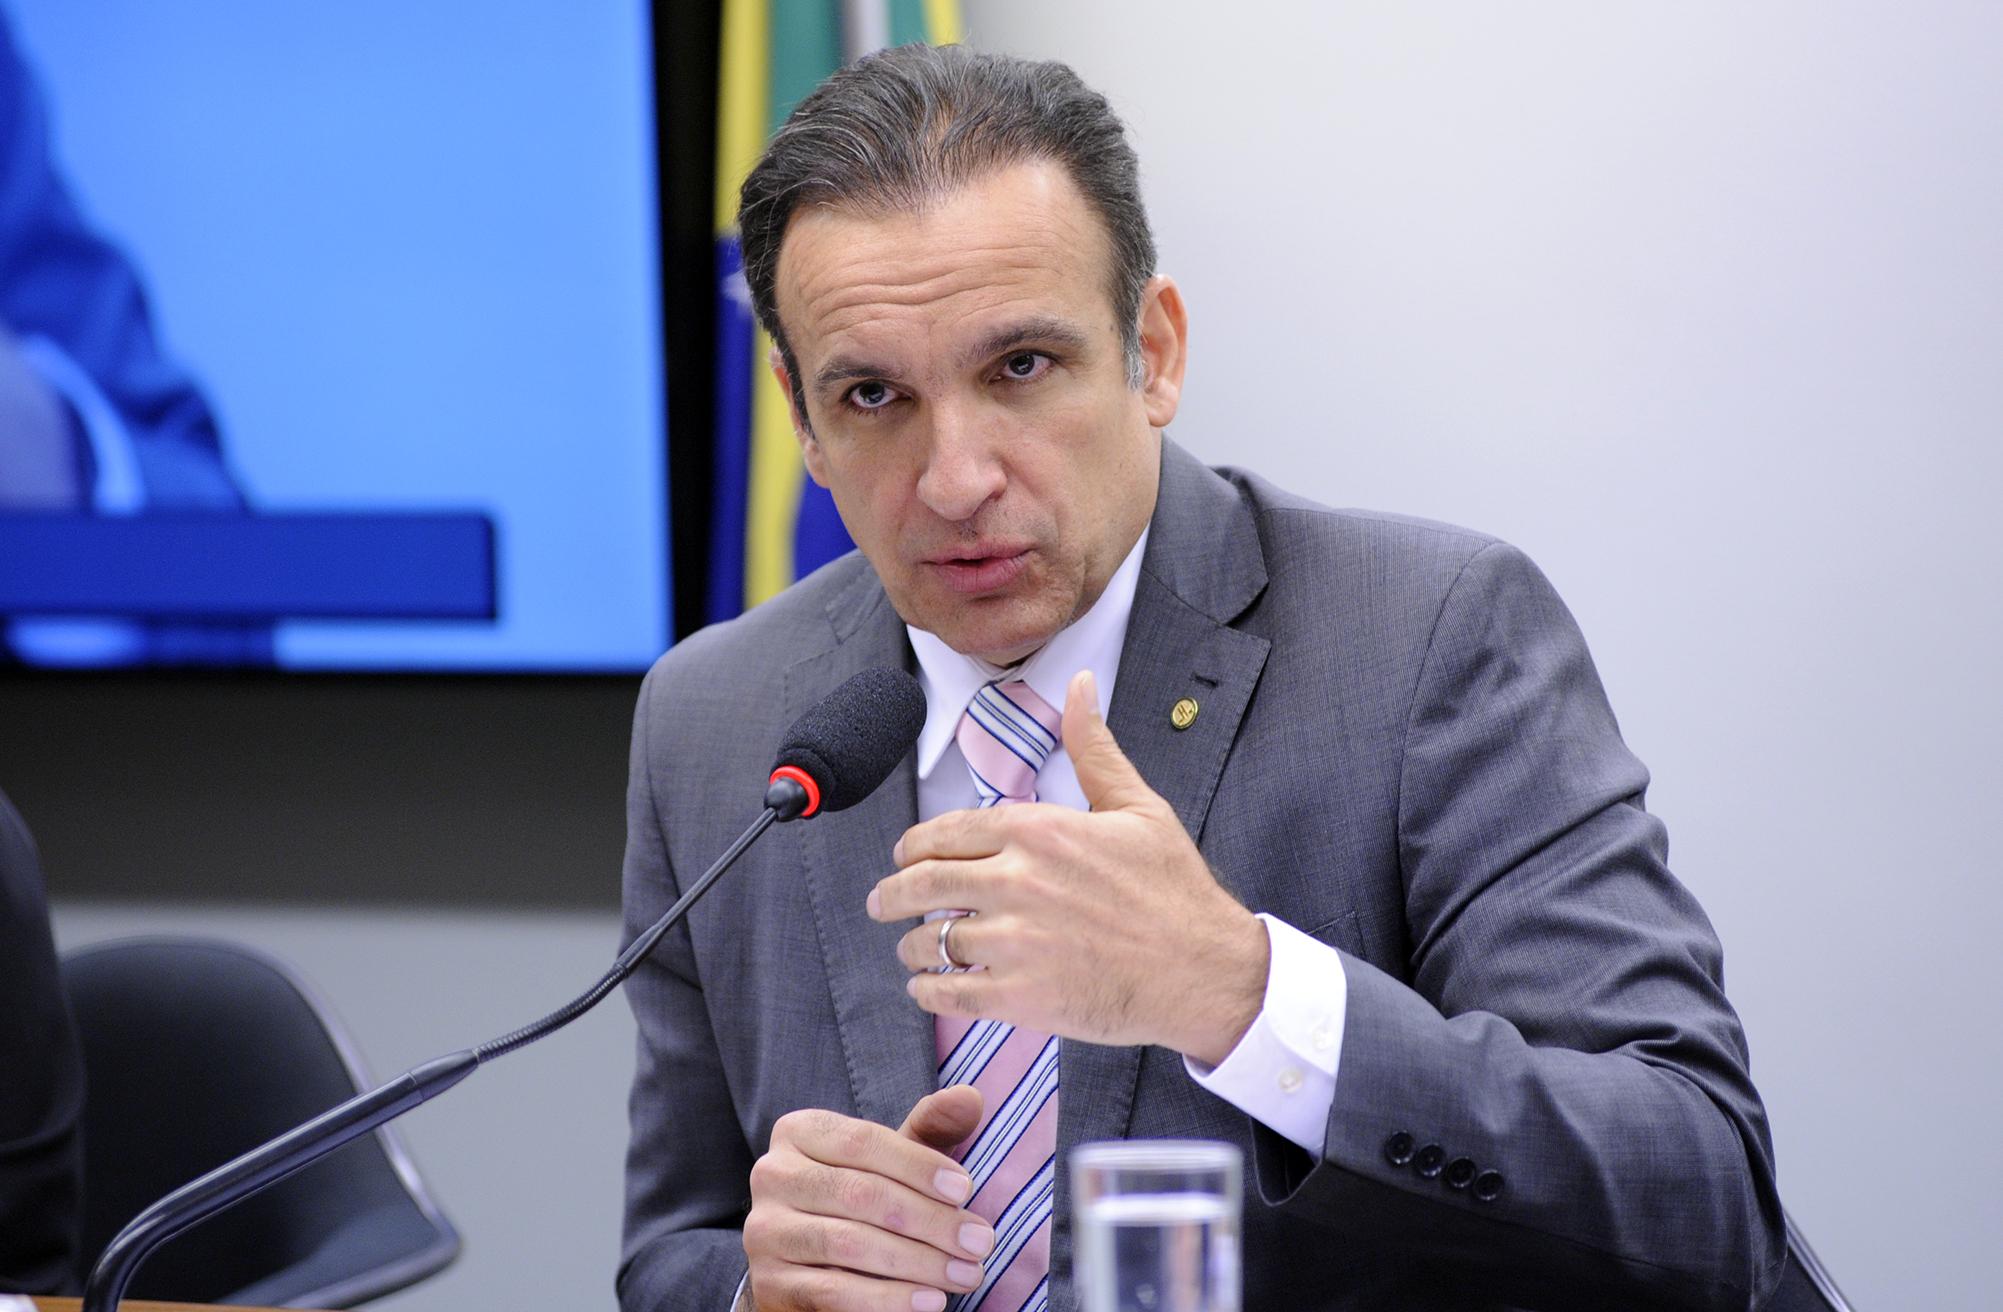 deputado Hugo Leal (PSB-RJ) Foto - Lucio Bernardo Jr - Câmara dos Deputados